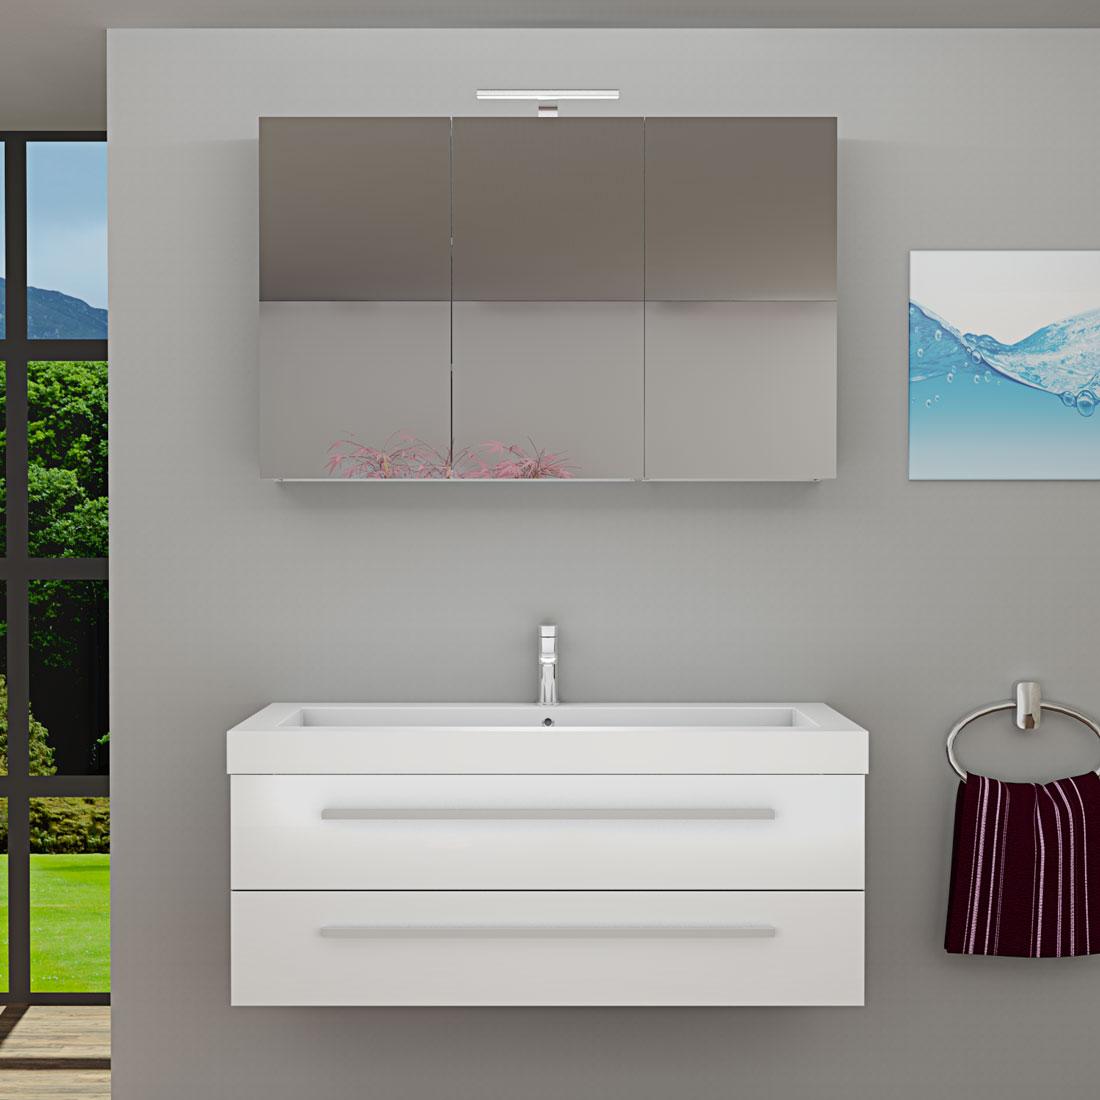 Badezimmermöbel weiss günstig  Badmöbel Set City 101 V1 Hochglanz Weiß, Badezimmermöbel, Waschtisch